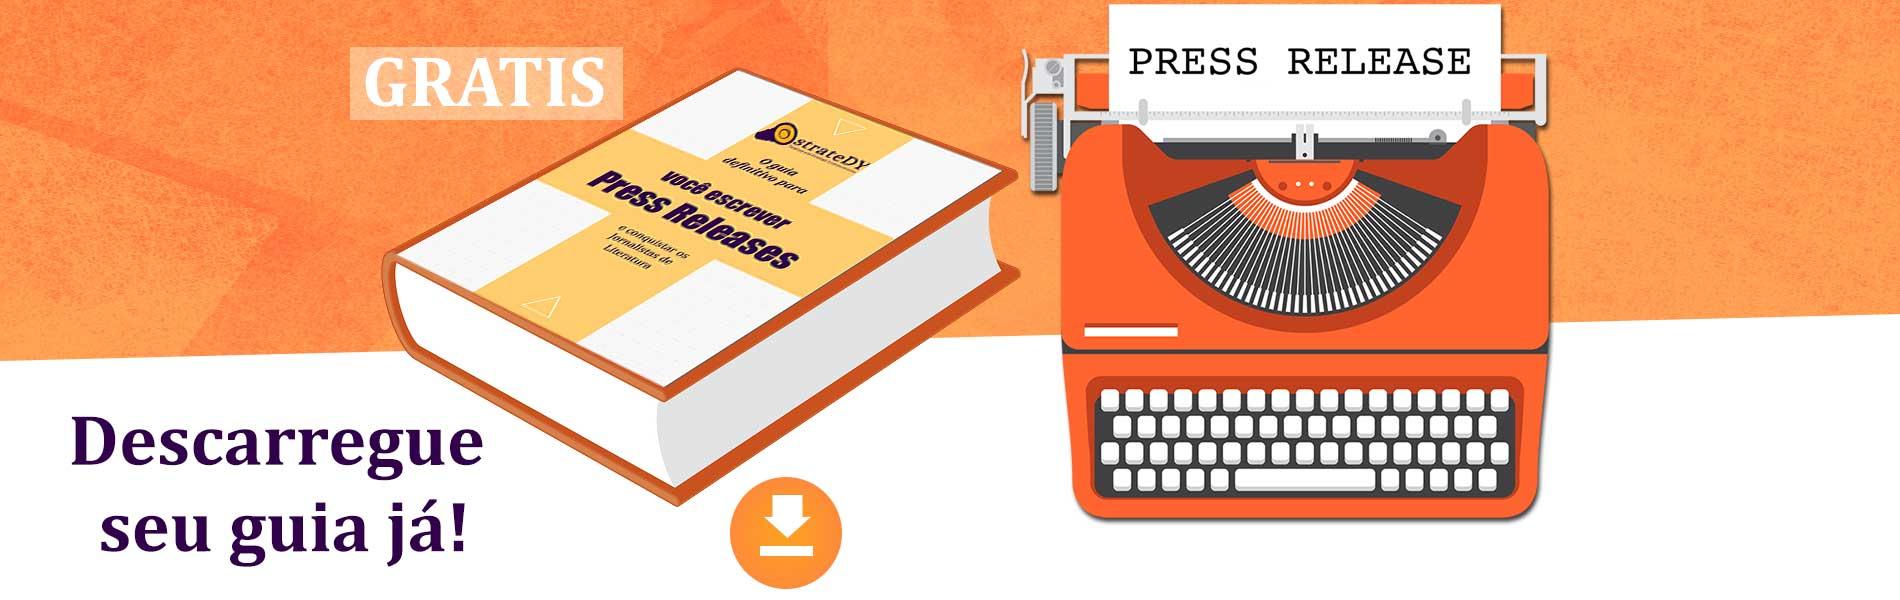 como escrever um press release